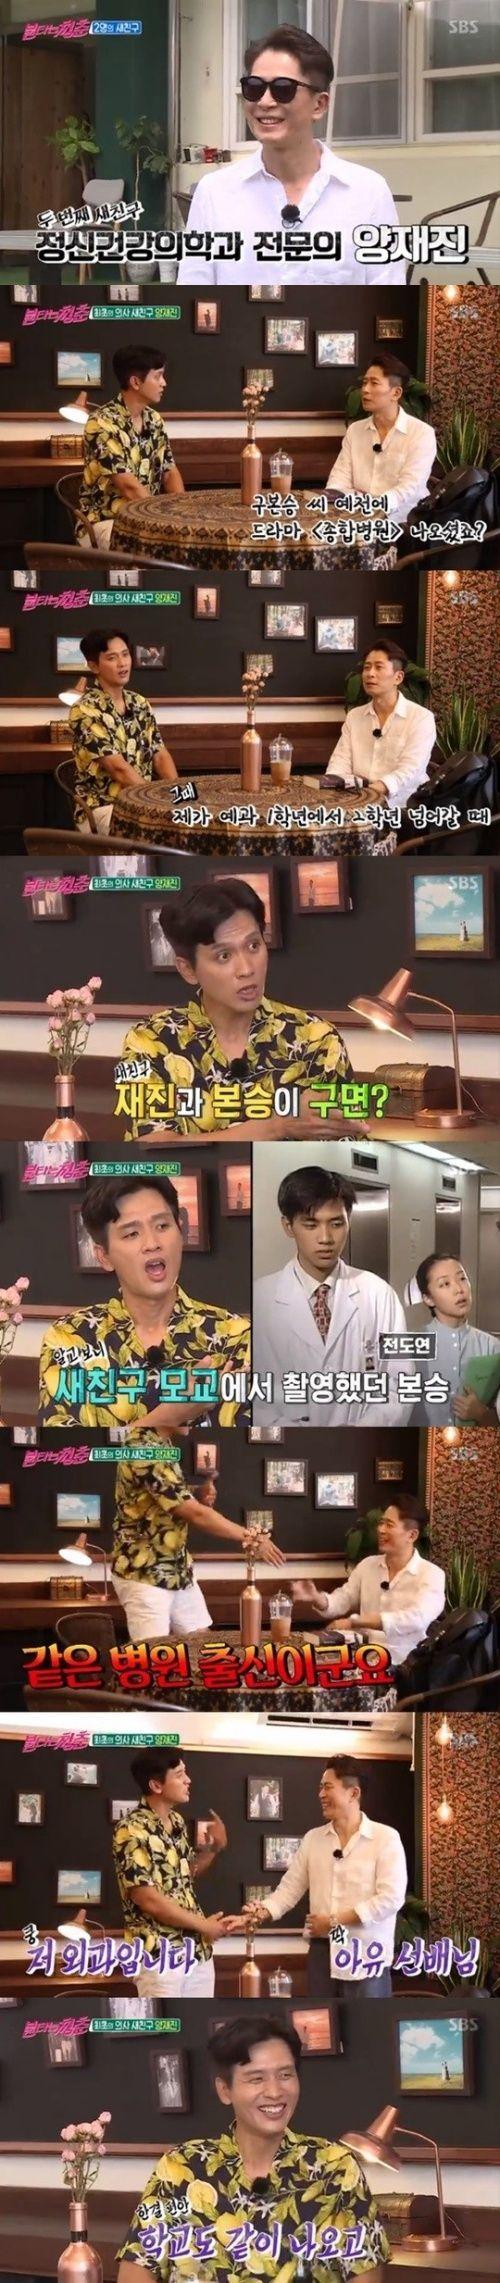 사진= SBS '불타는 청춘' 방송 캡처